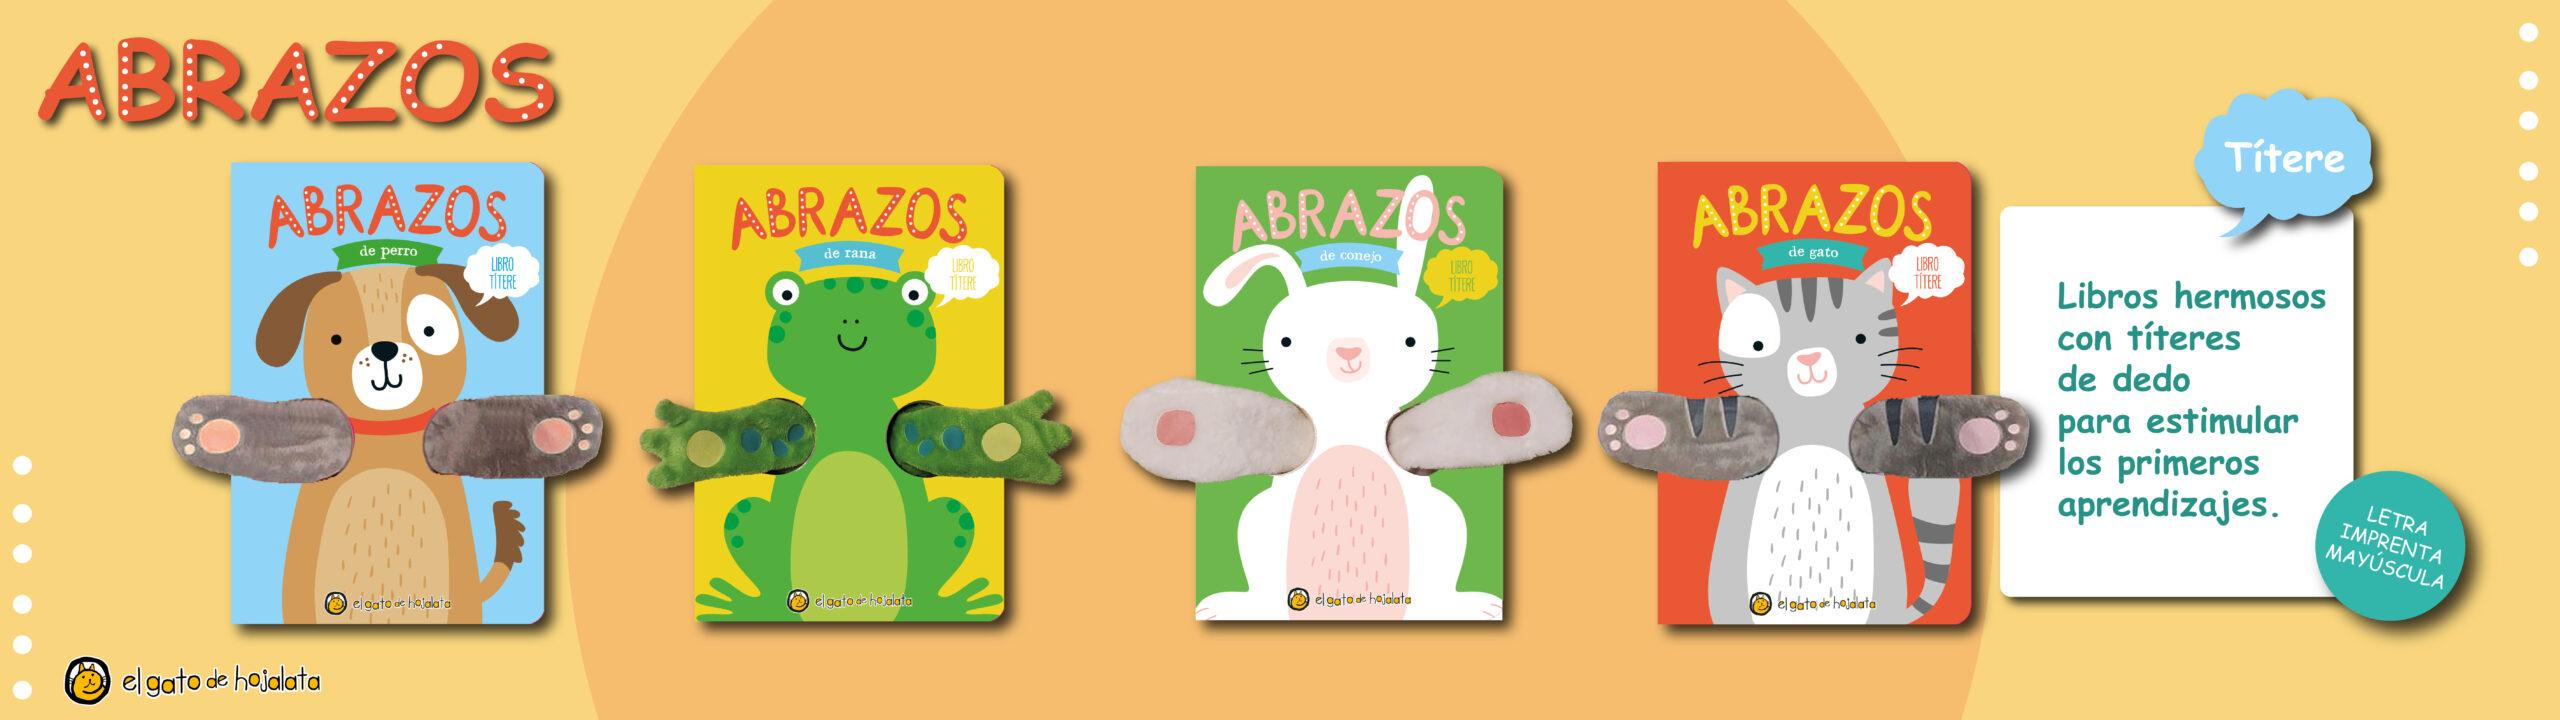 Abrazos_BANNER WEB_1920X540